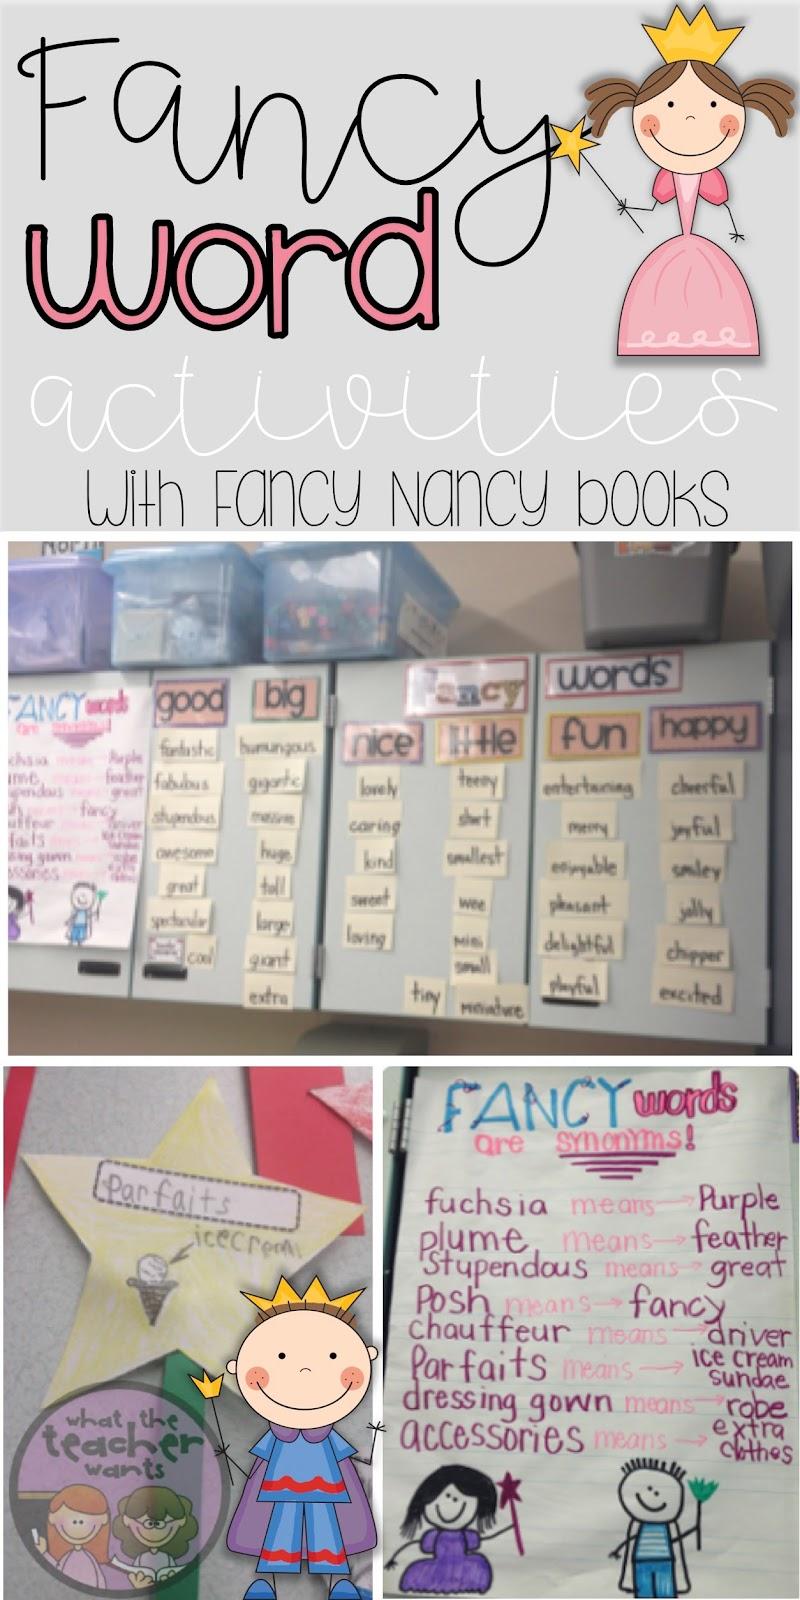 What the Teacher Wants!: Using Fancy Nancy to Teach Fancy Words